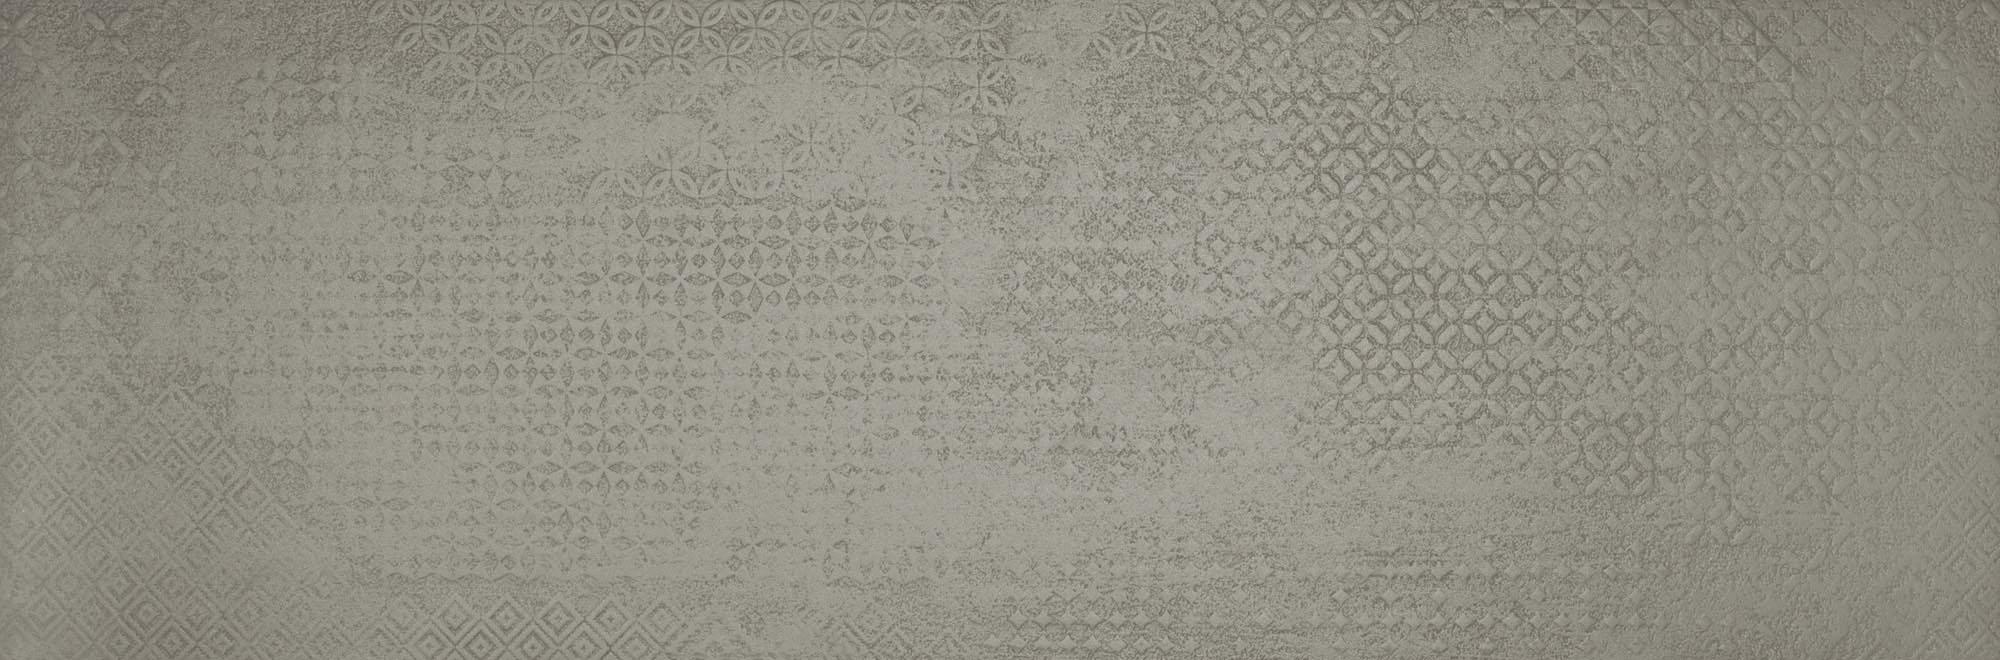 K717320180, Essence, Harmaa, lattia,pakkasenkesto